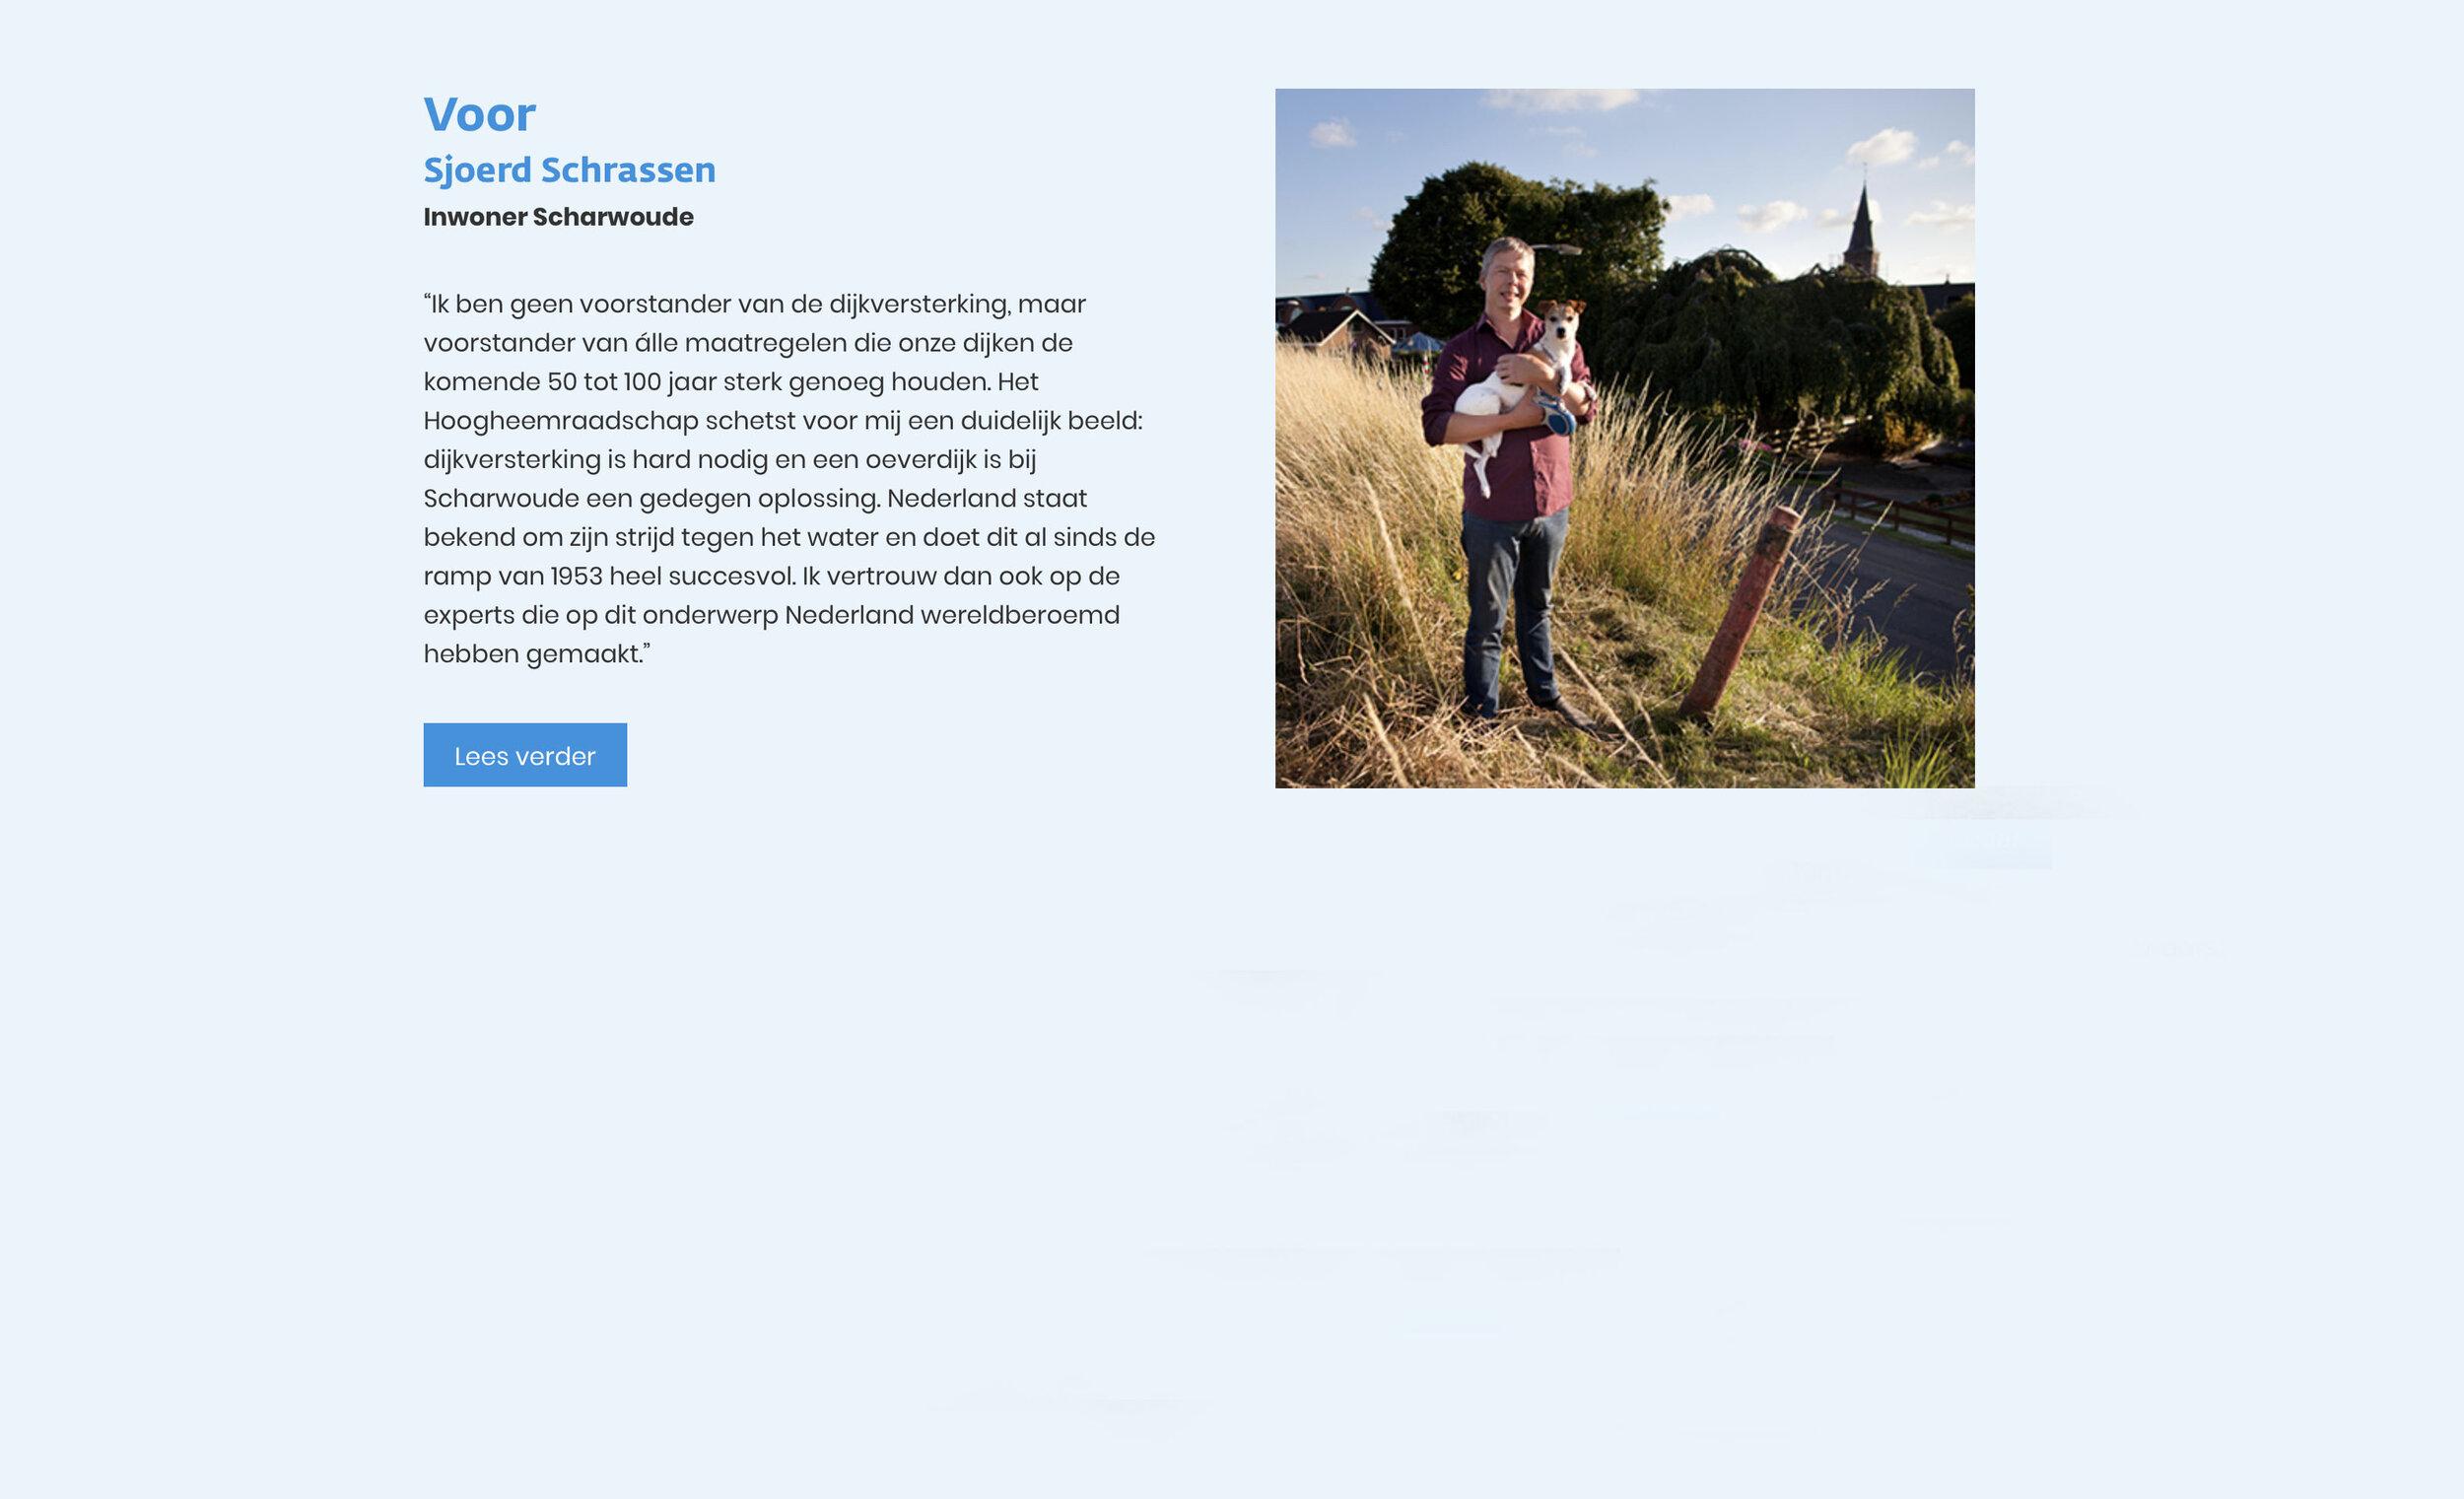 Provincie Noord-Hollands_Markermeerdijken_3.jpg